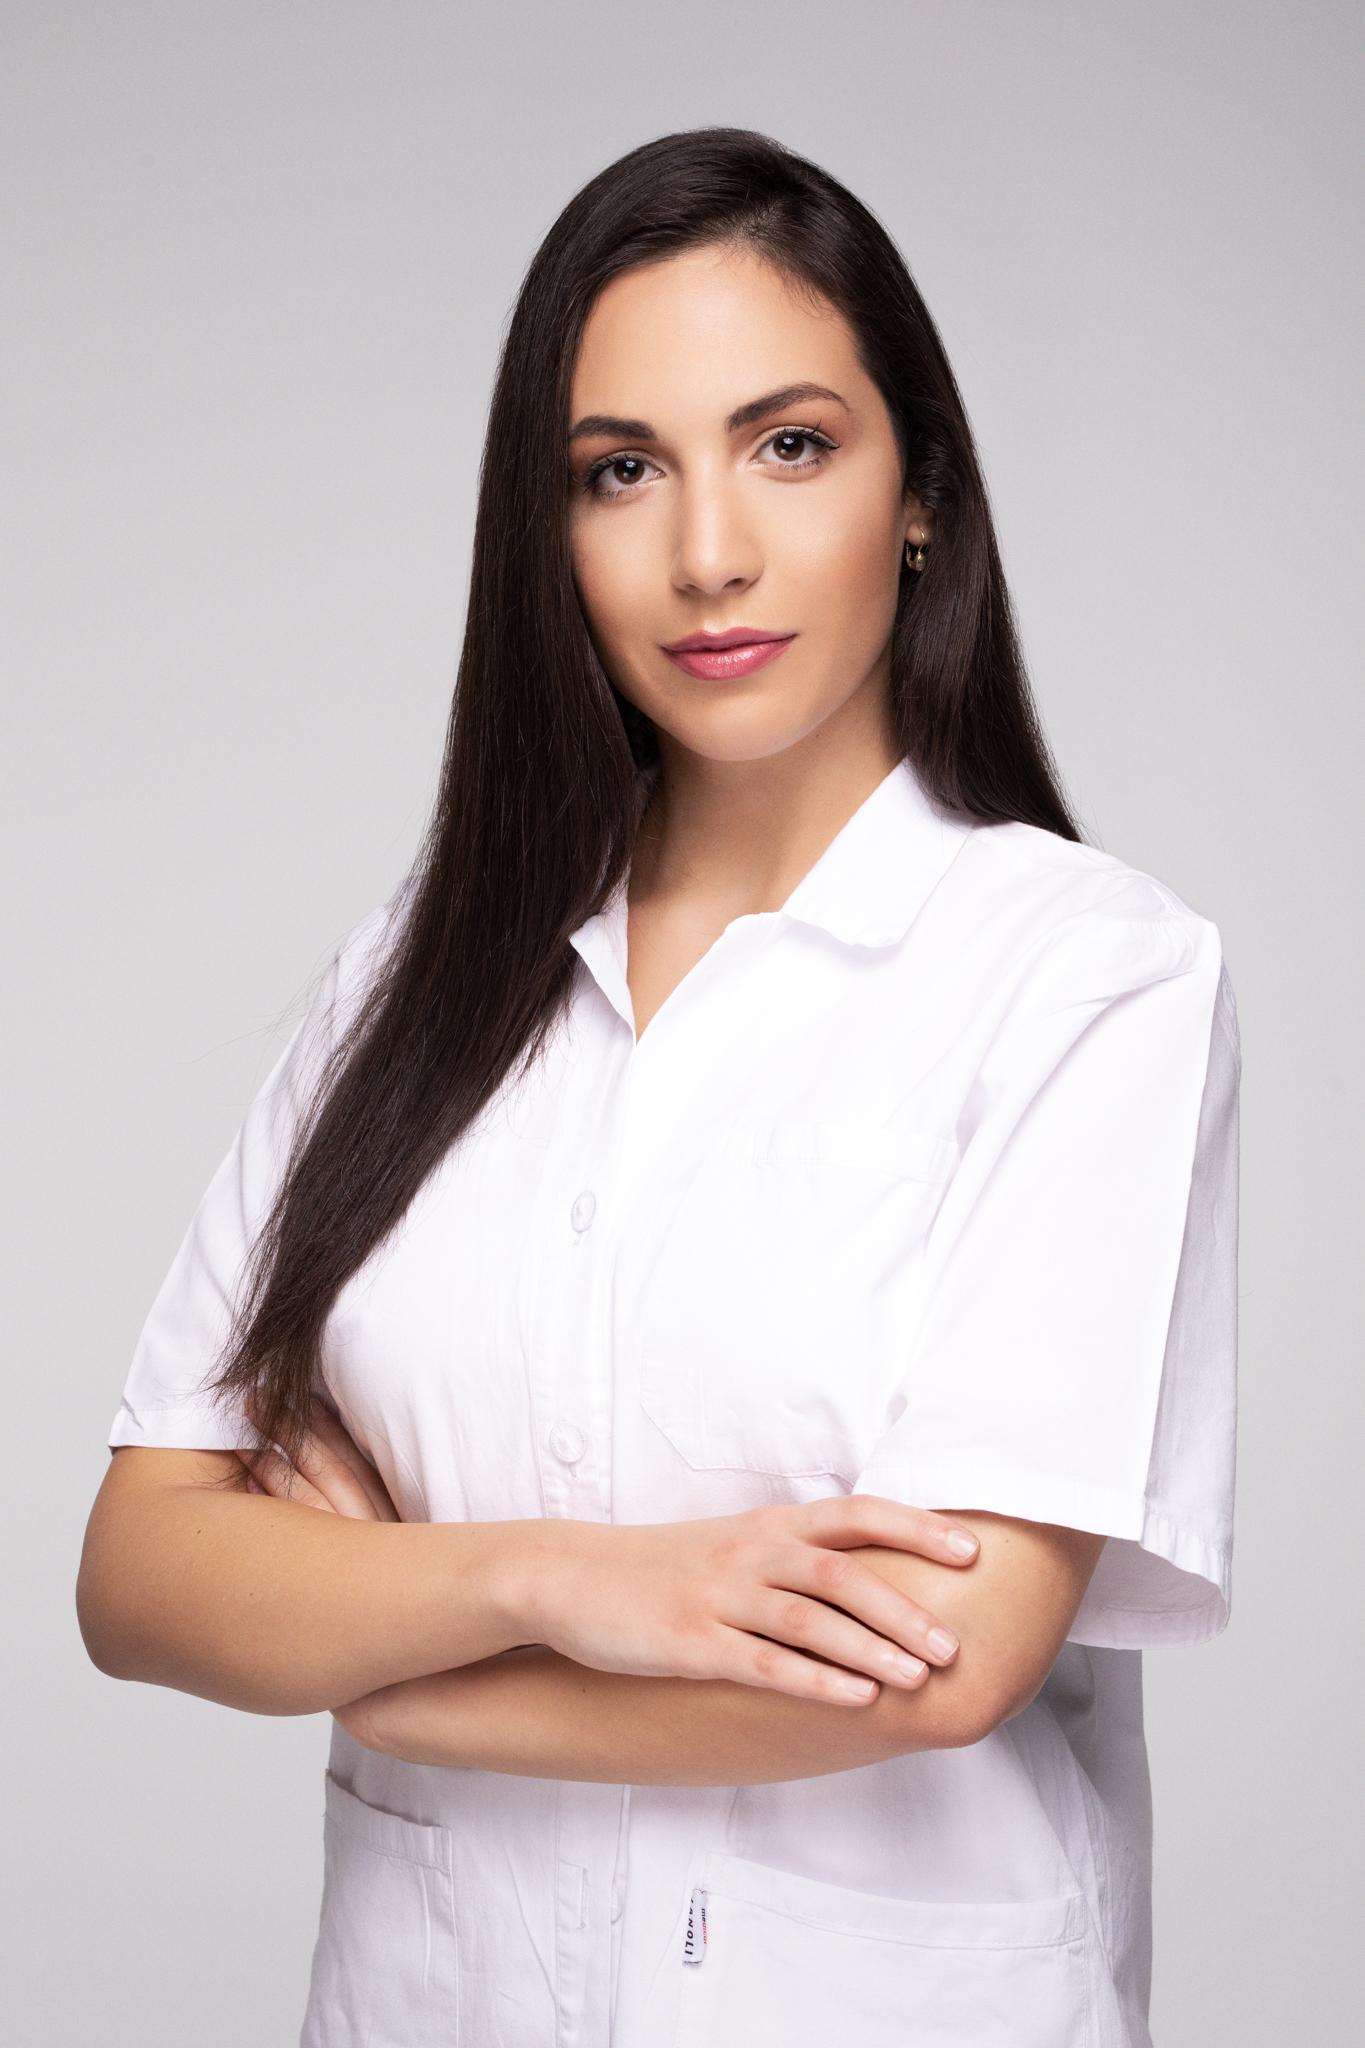 MUDr. Merita Mazreku Spais